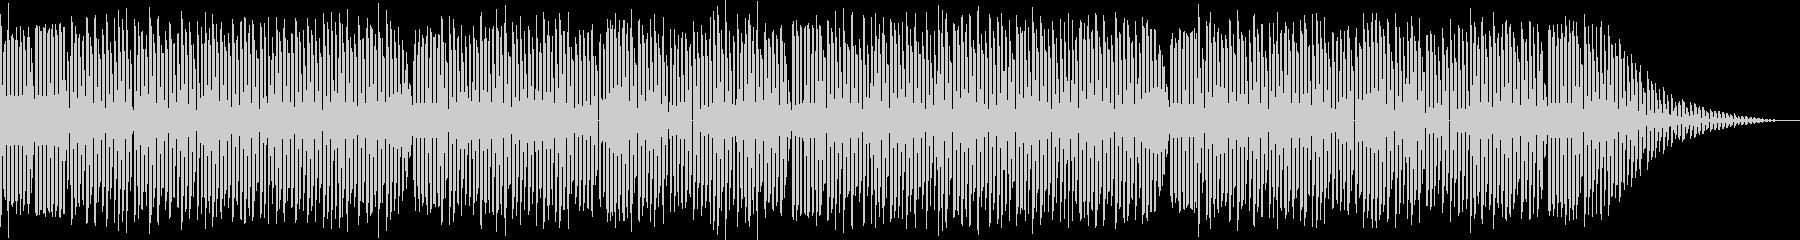 ファミコン風ロックンロールの未再生の波形